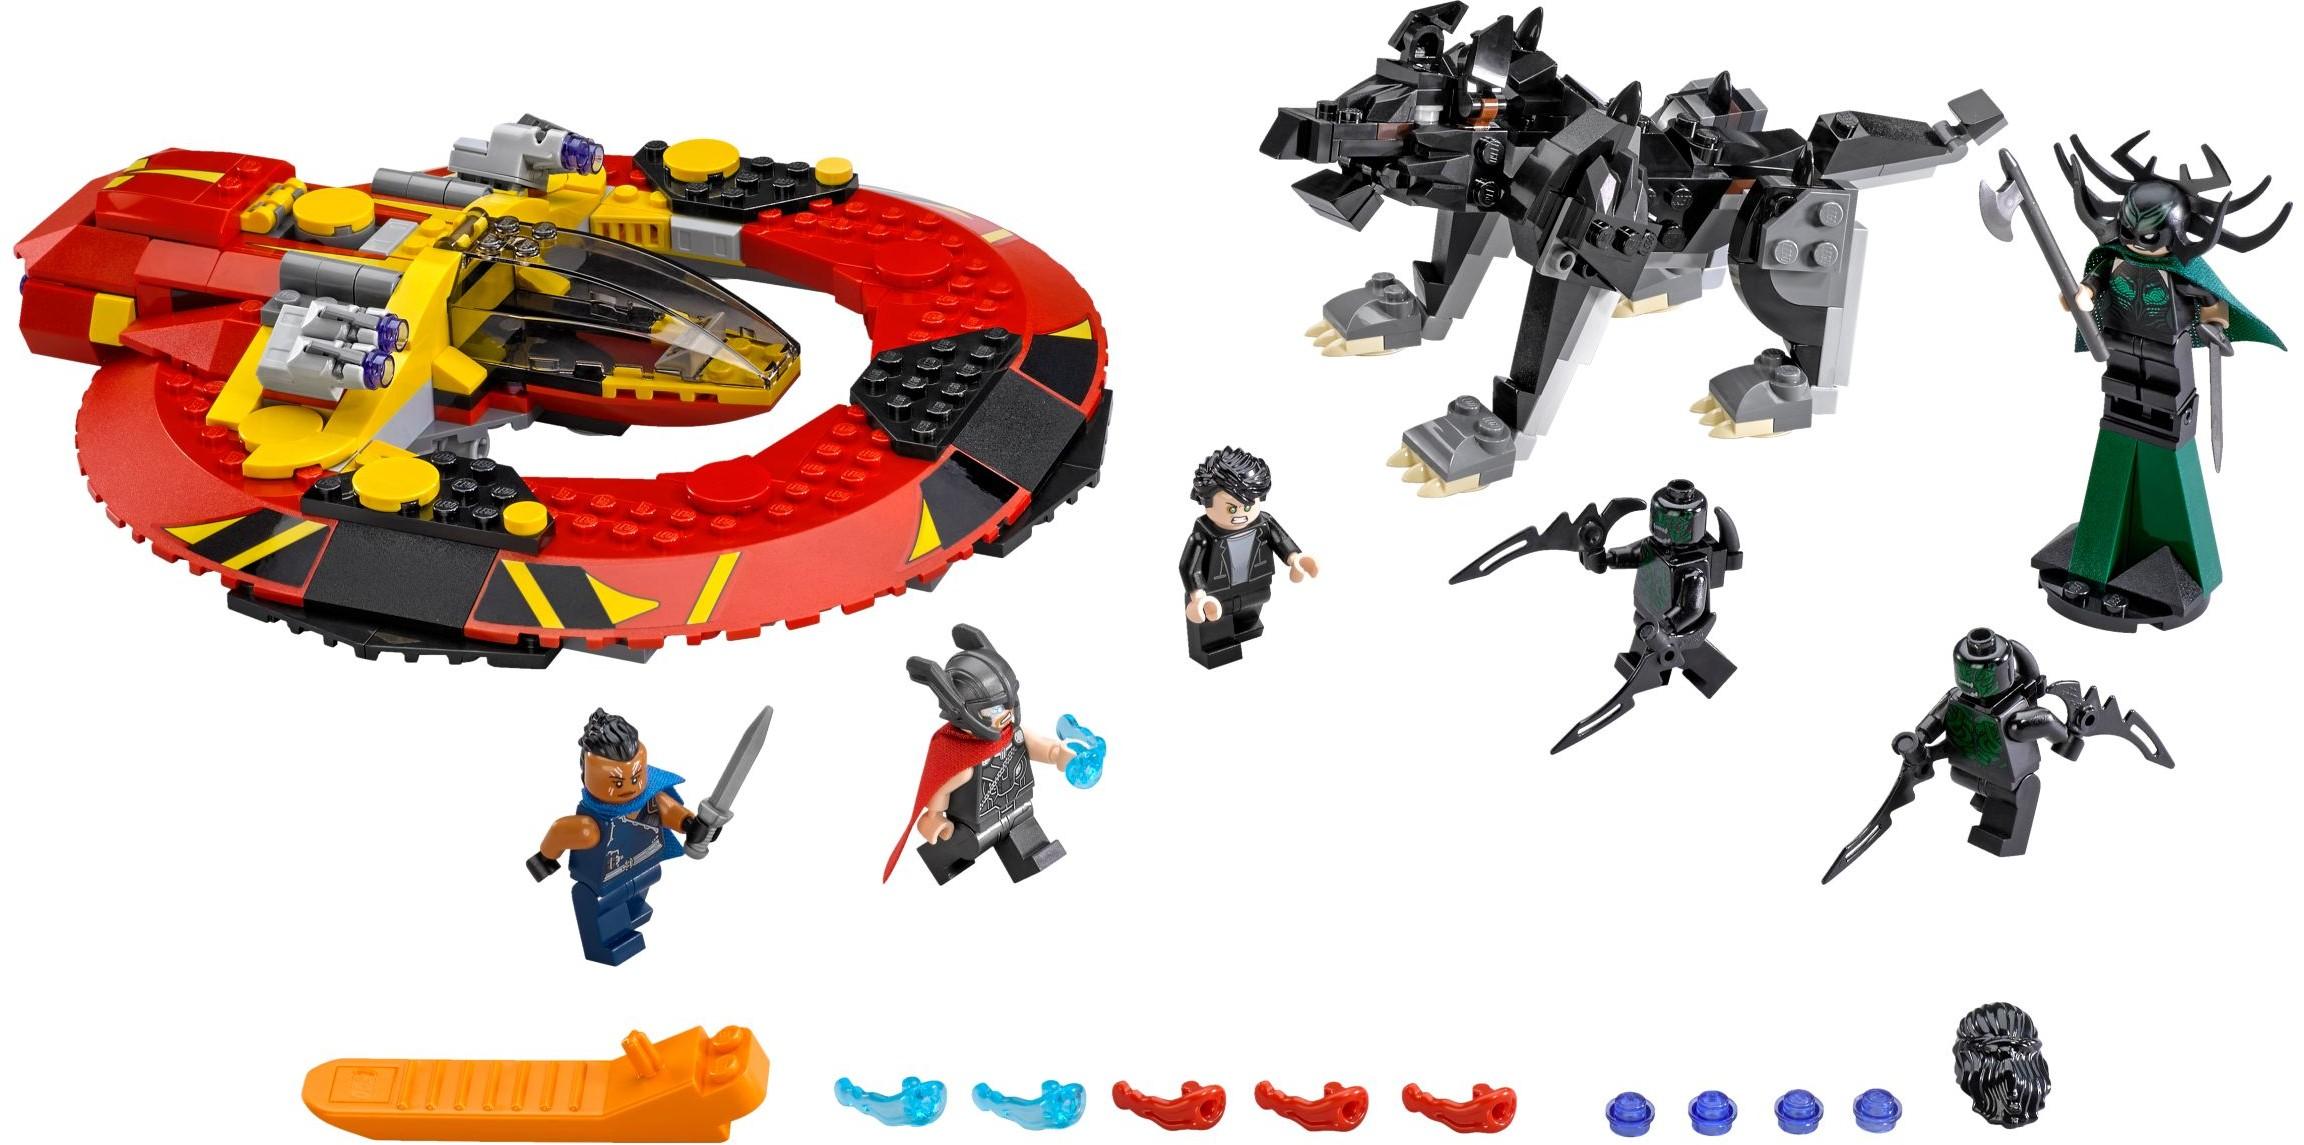 2017 lego marvel sets ultimate battle for asgard